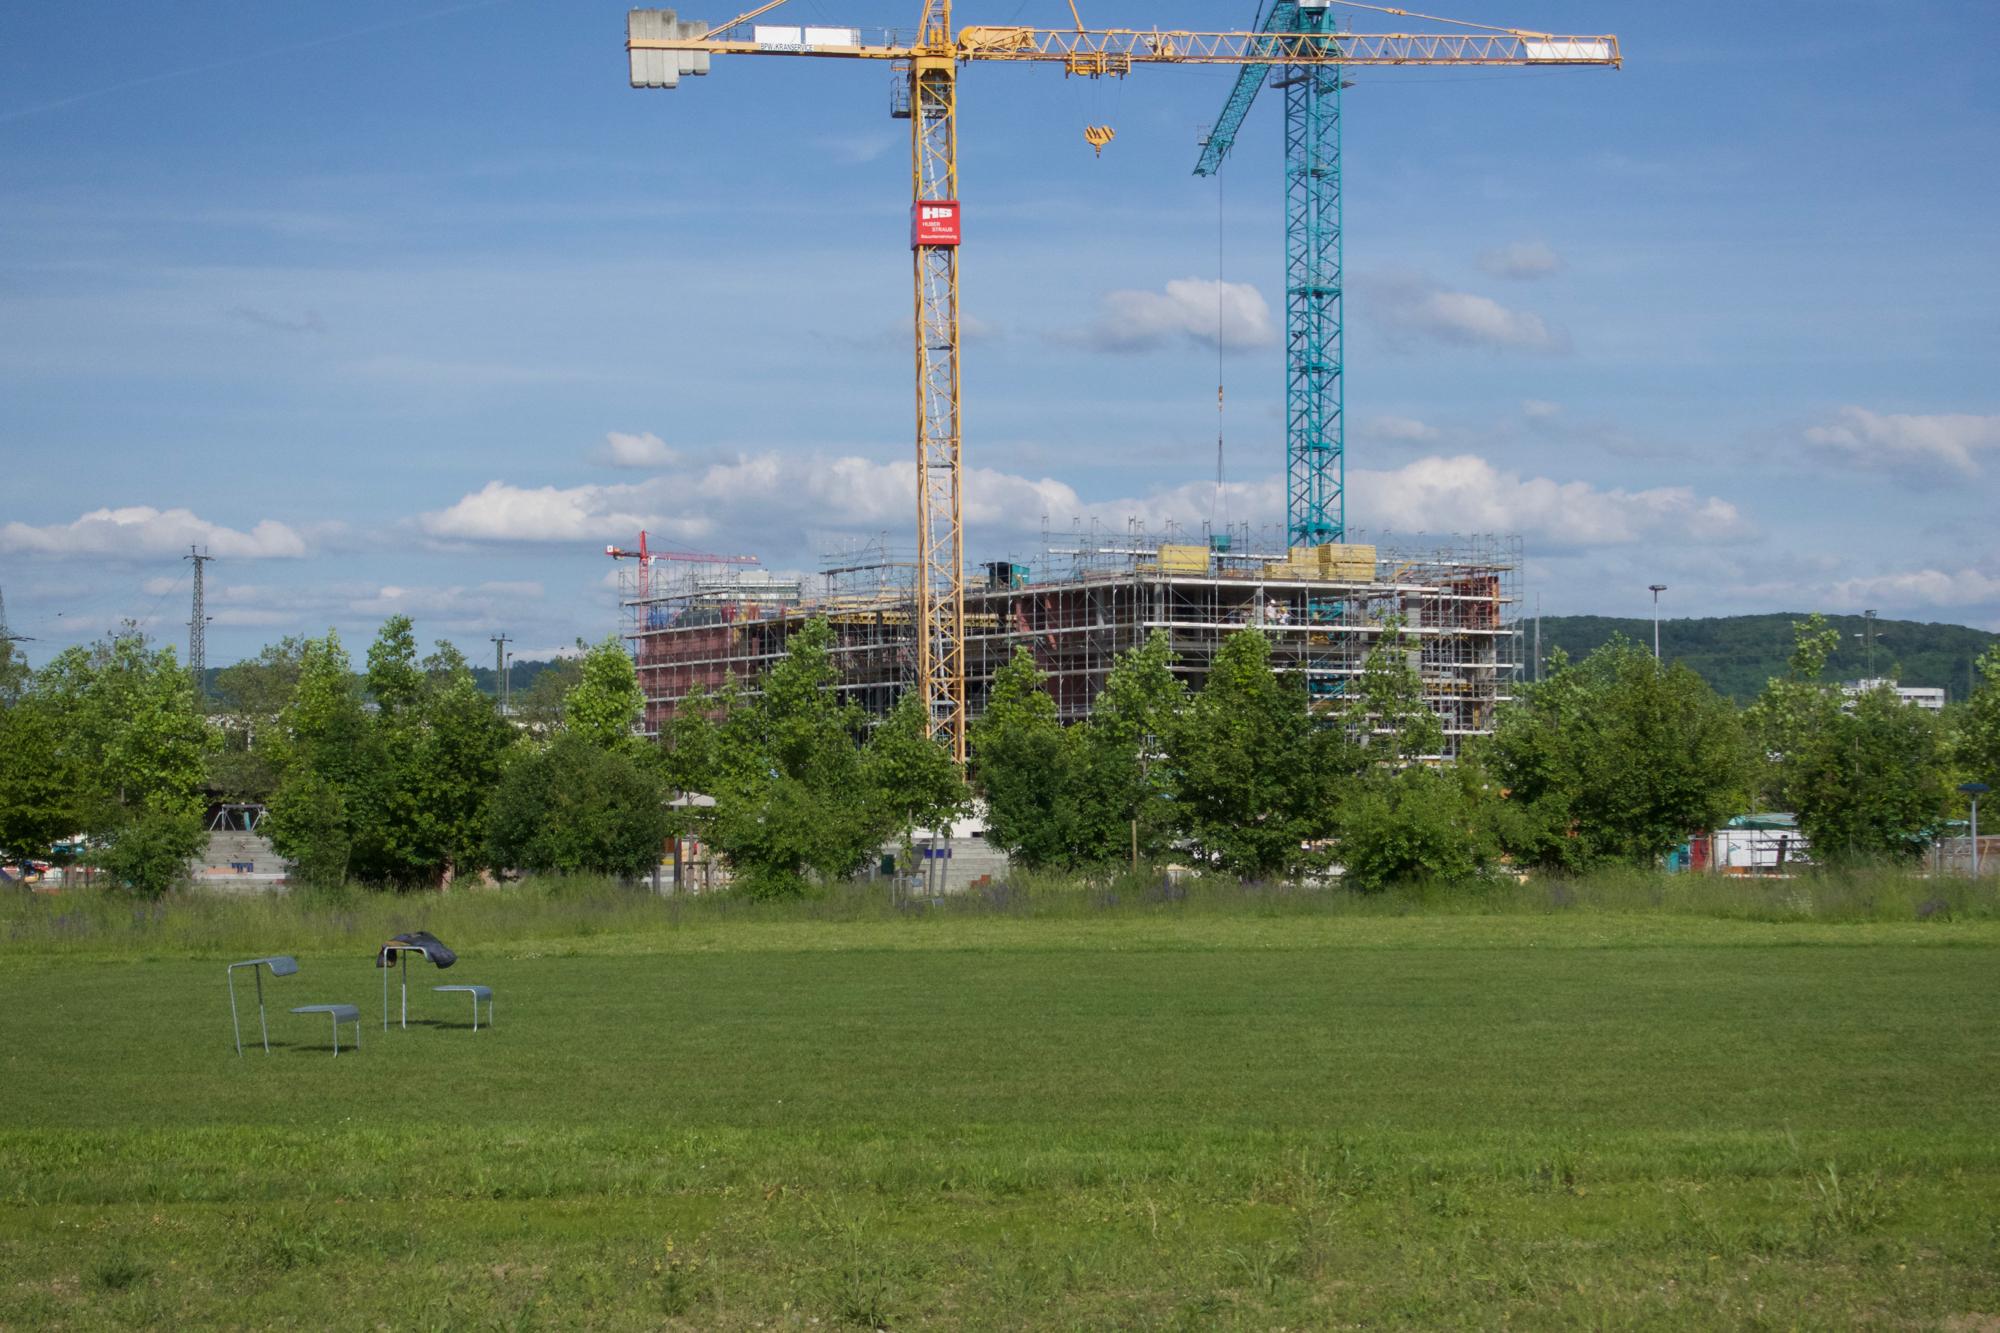 Langsam entsteht auf dem Arealsektor Ost der lange ersehnte Bauriegen gegen den Autobahnlärm der Osttangente.